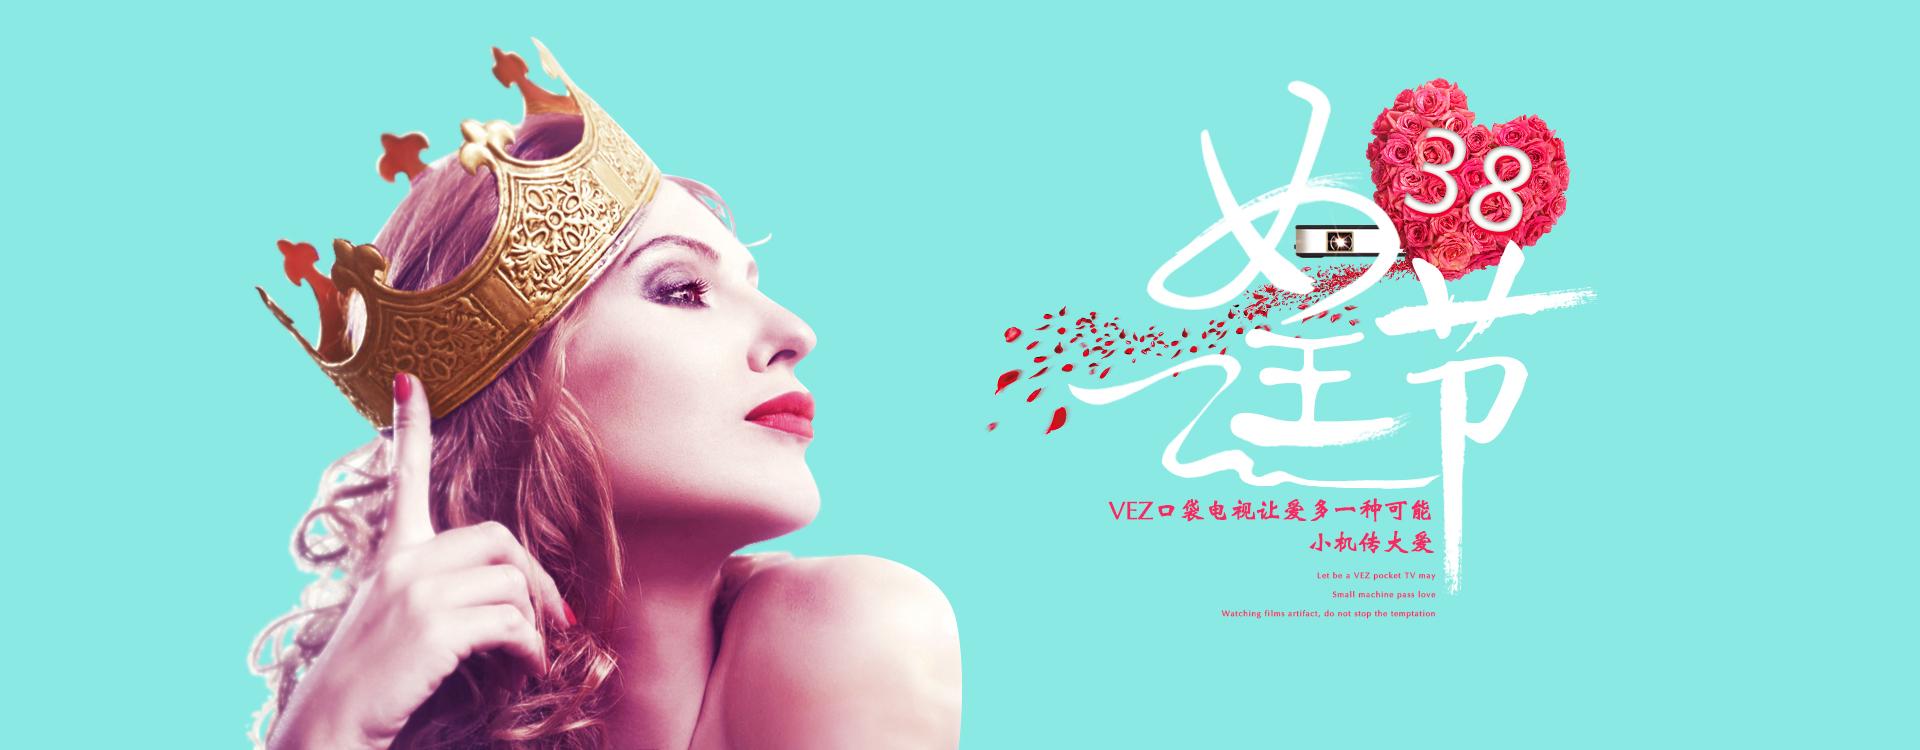 女王节banner